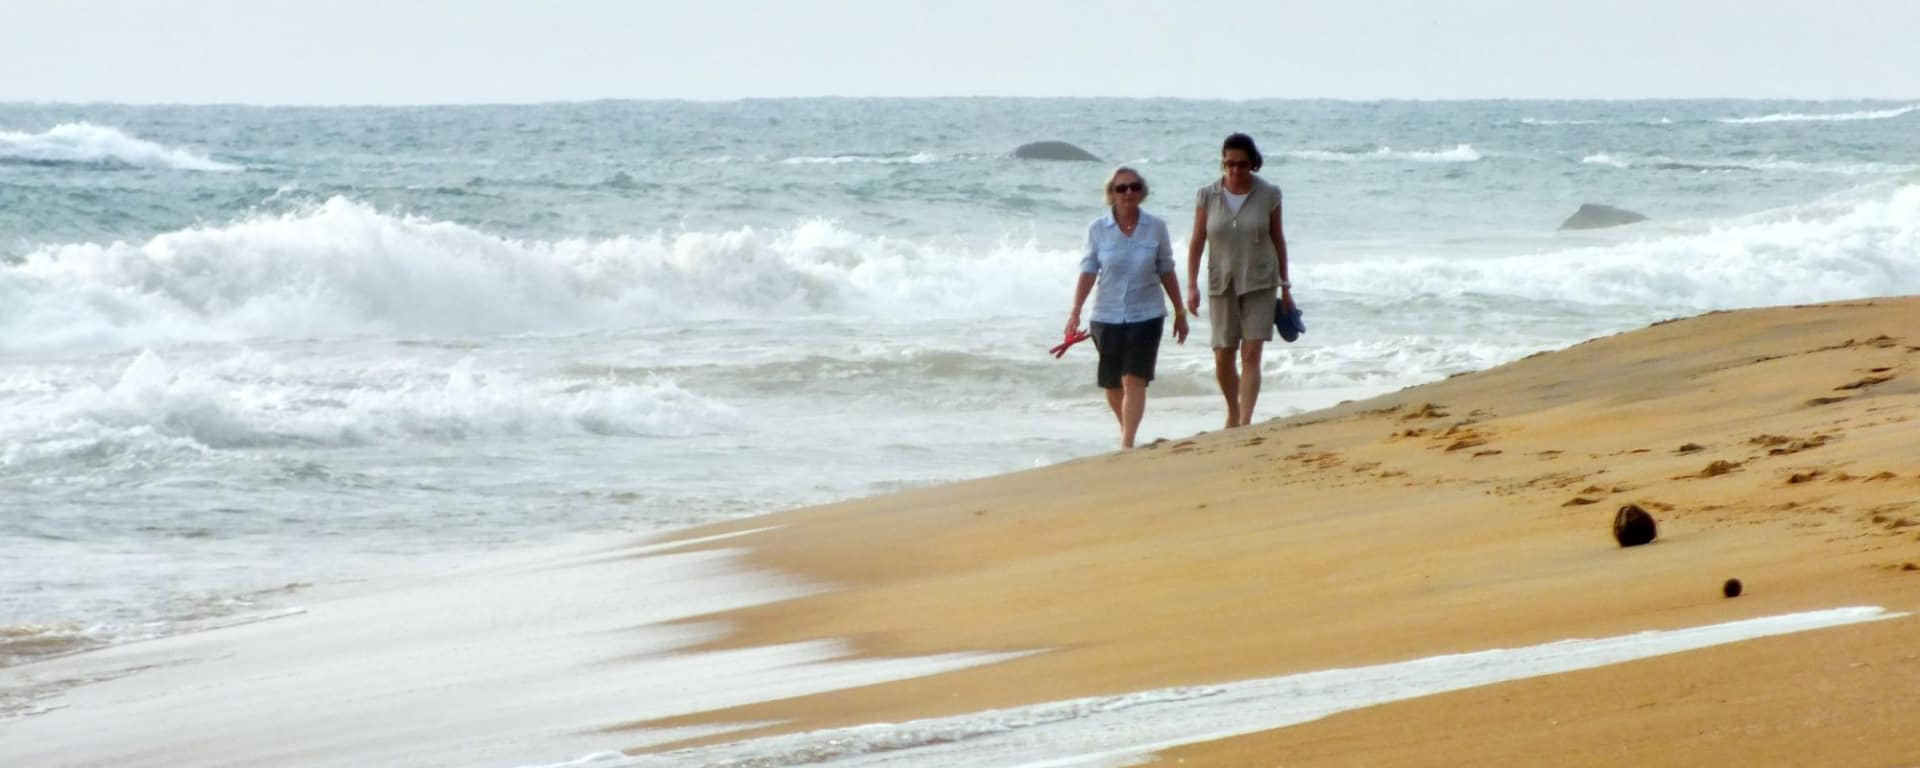 Aditya Resort in Hikkaduwa: